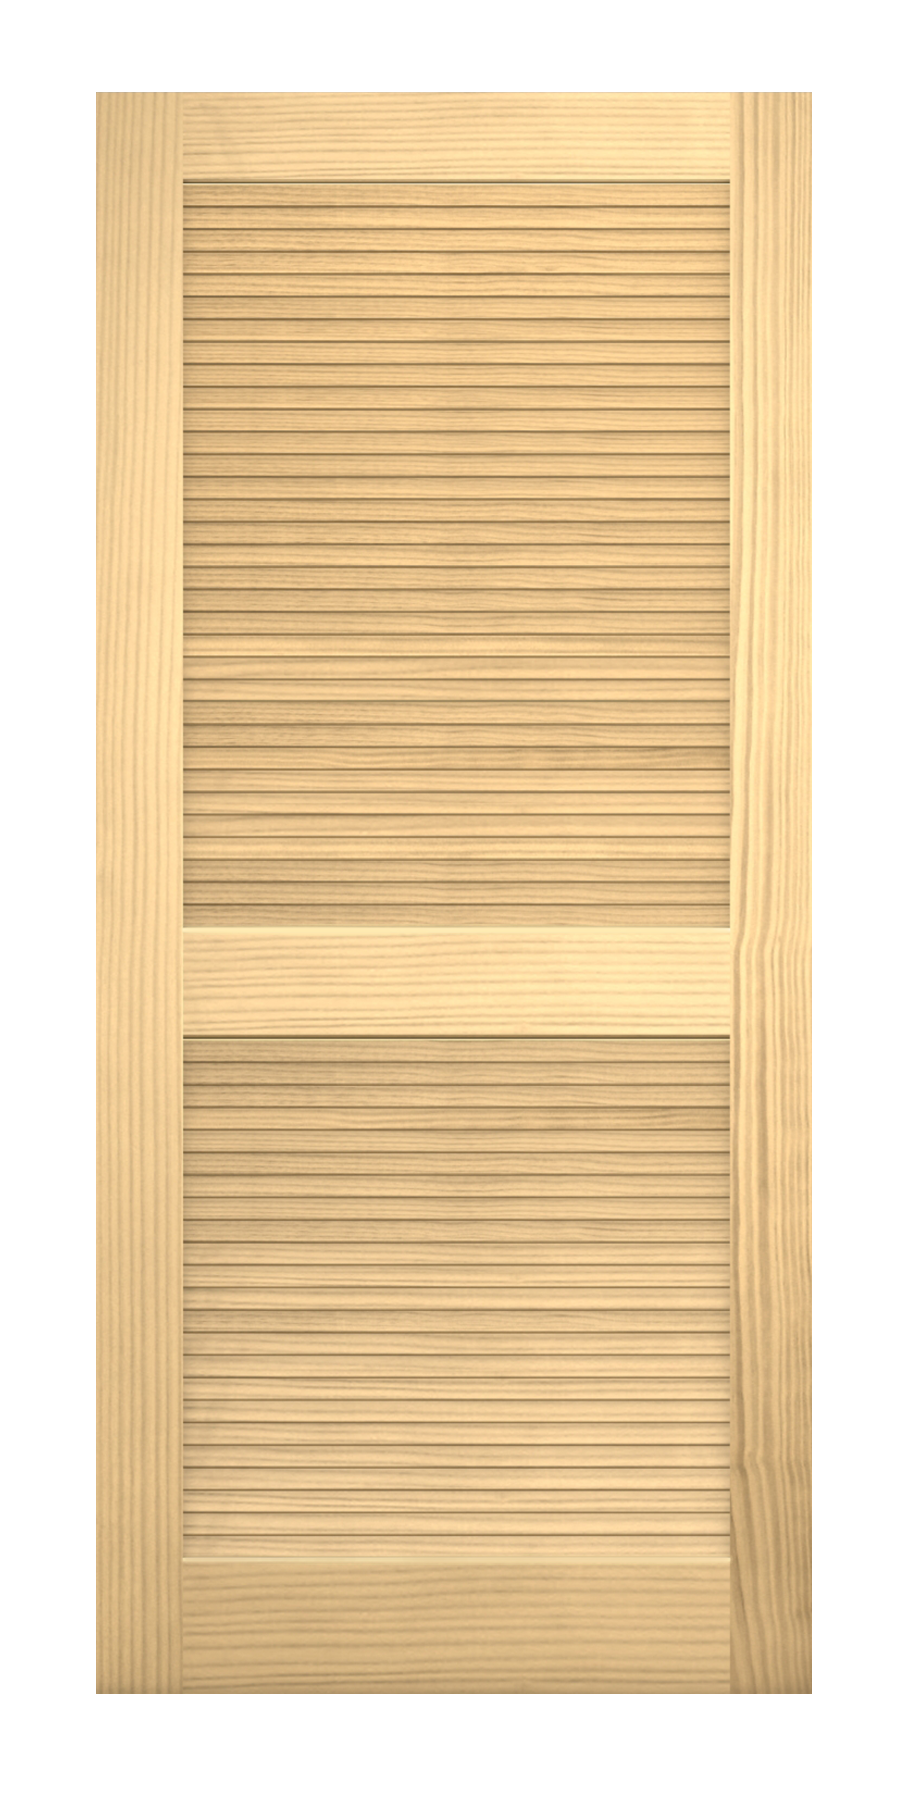 Jeld wen door frames page frame design reviews